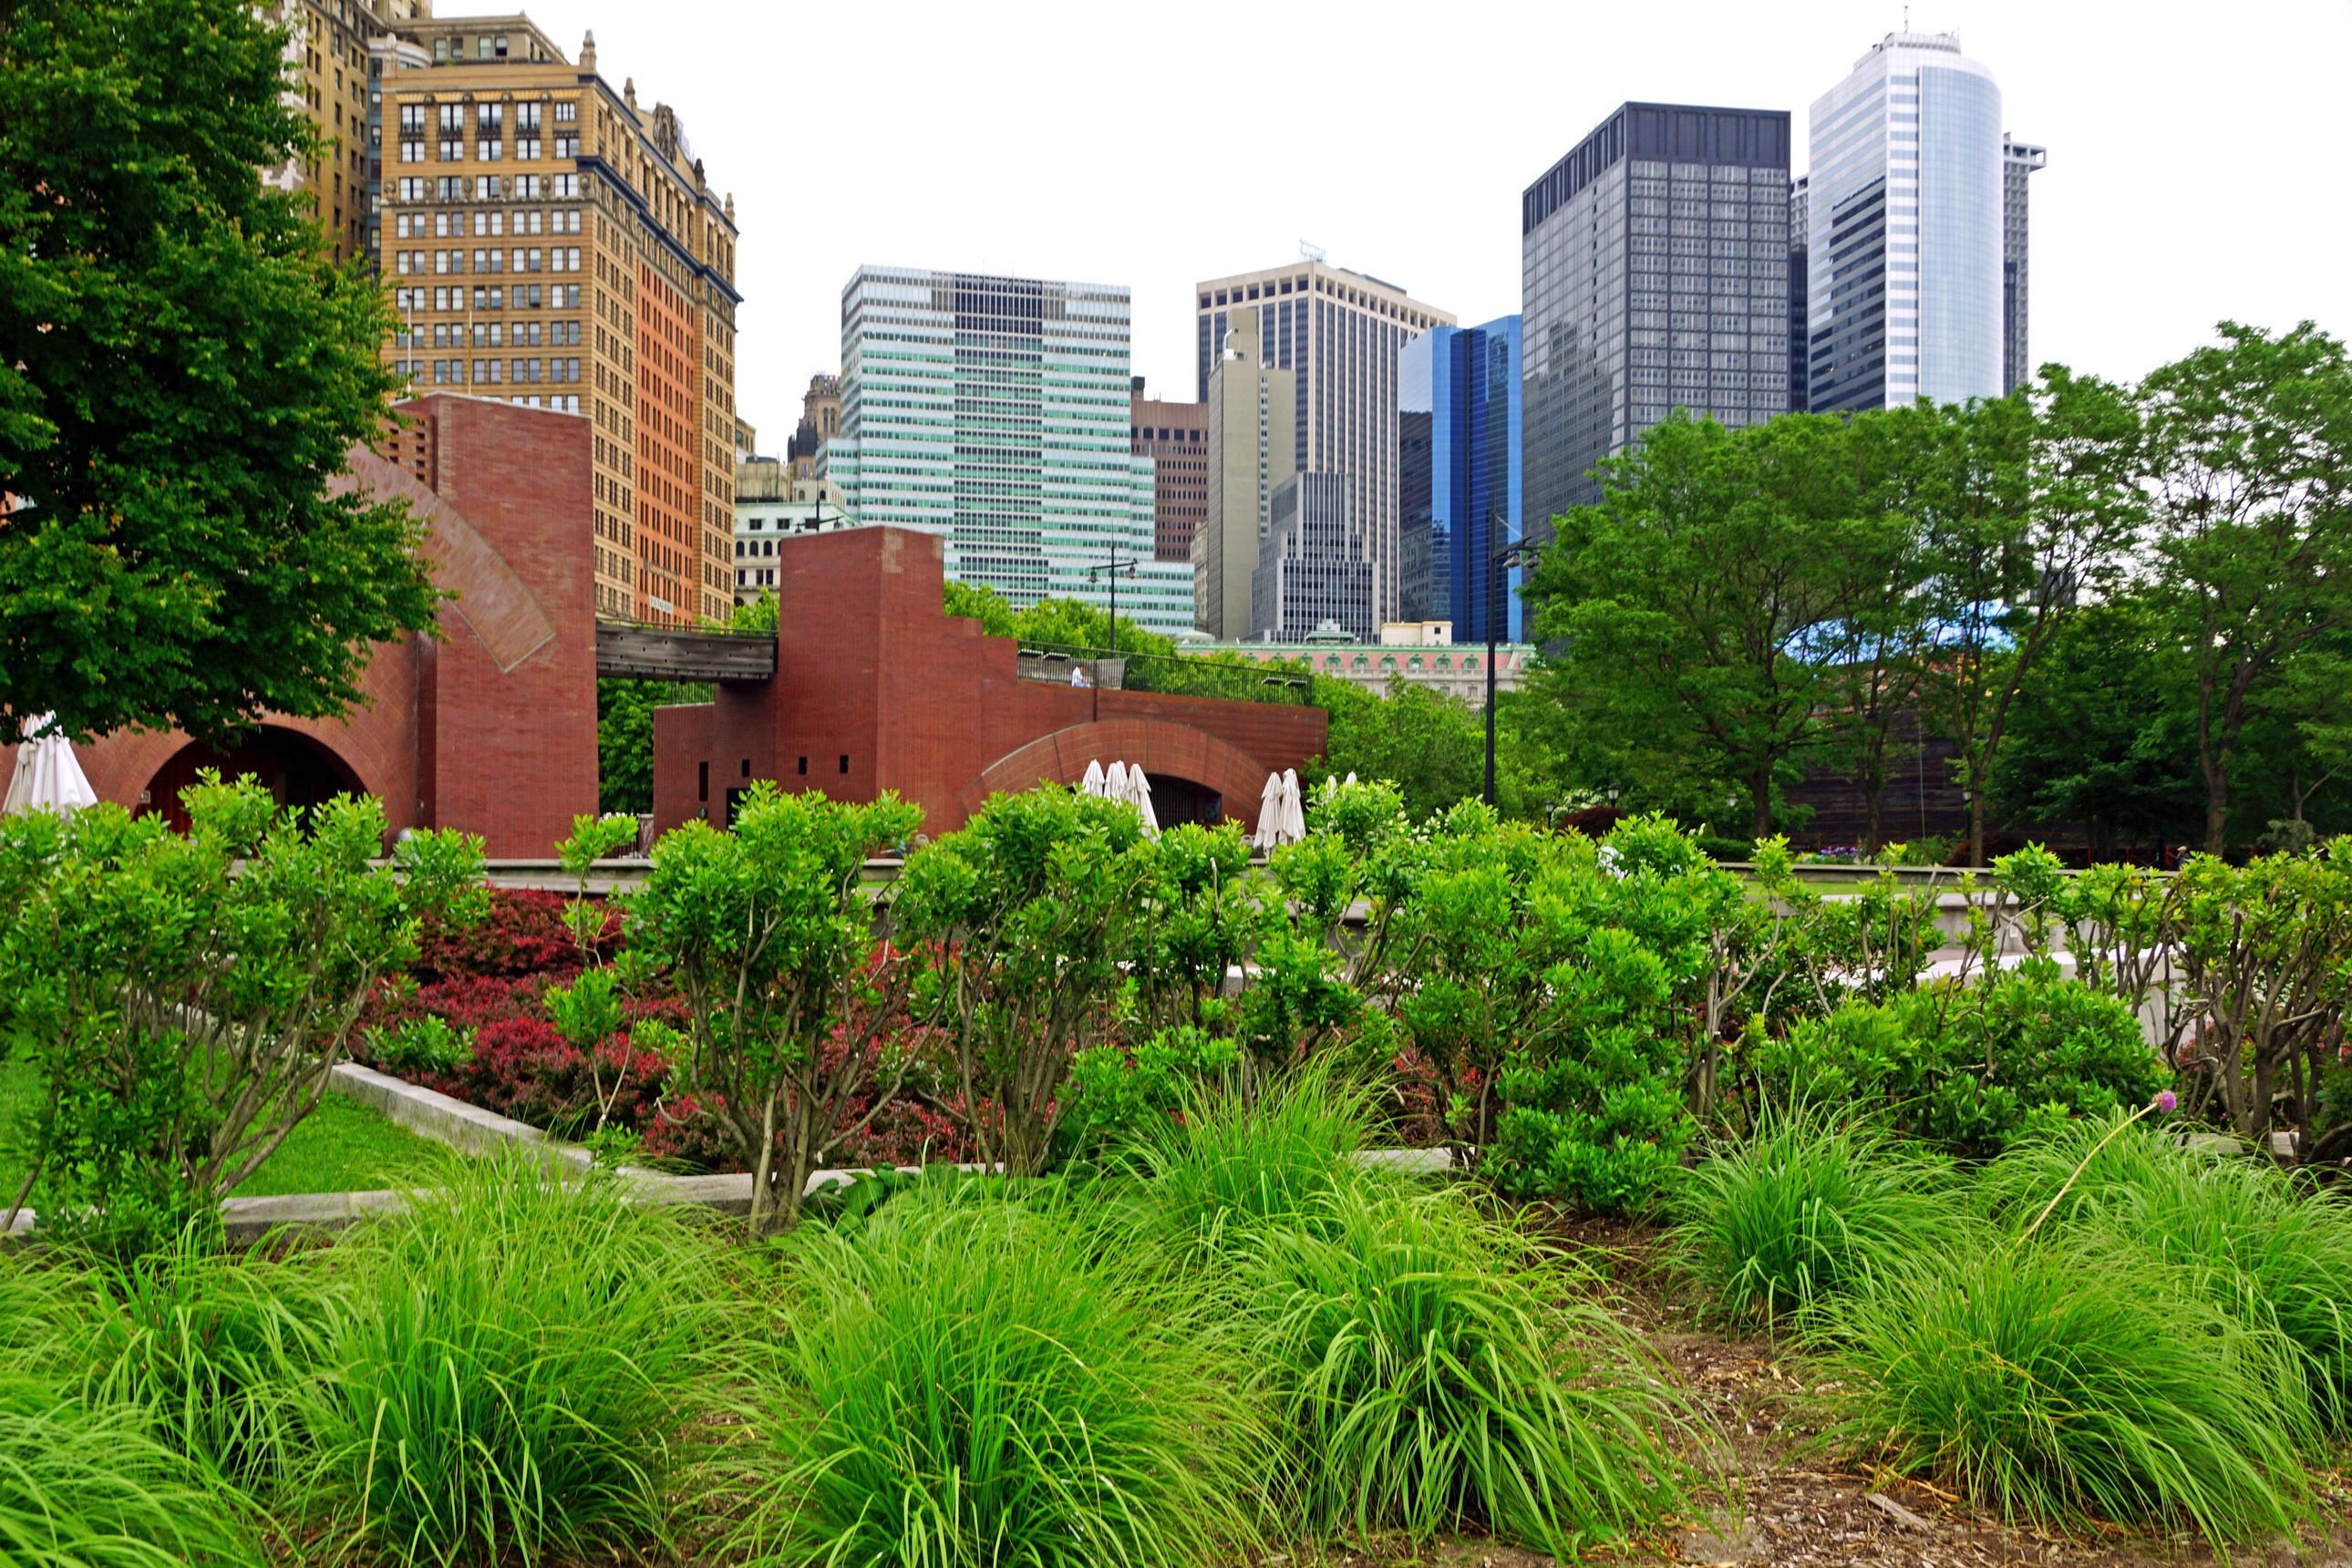 London Garden City Grass Park Skyline Estate Tree Downtown Flower Yard  Condominium Lawn Human Settlement Neighbourhood